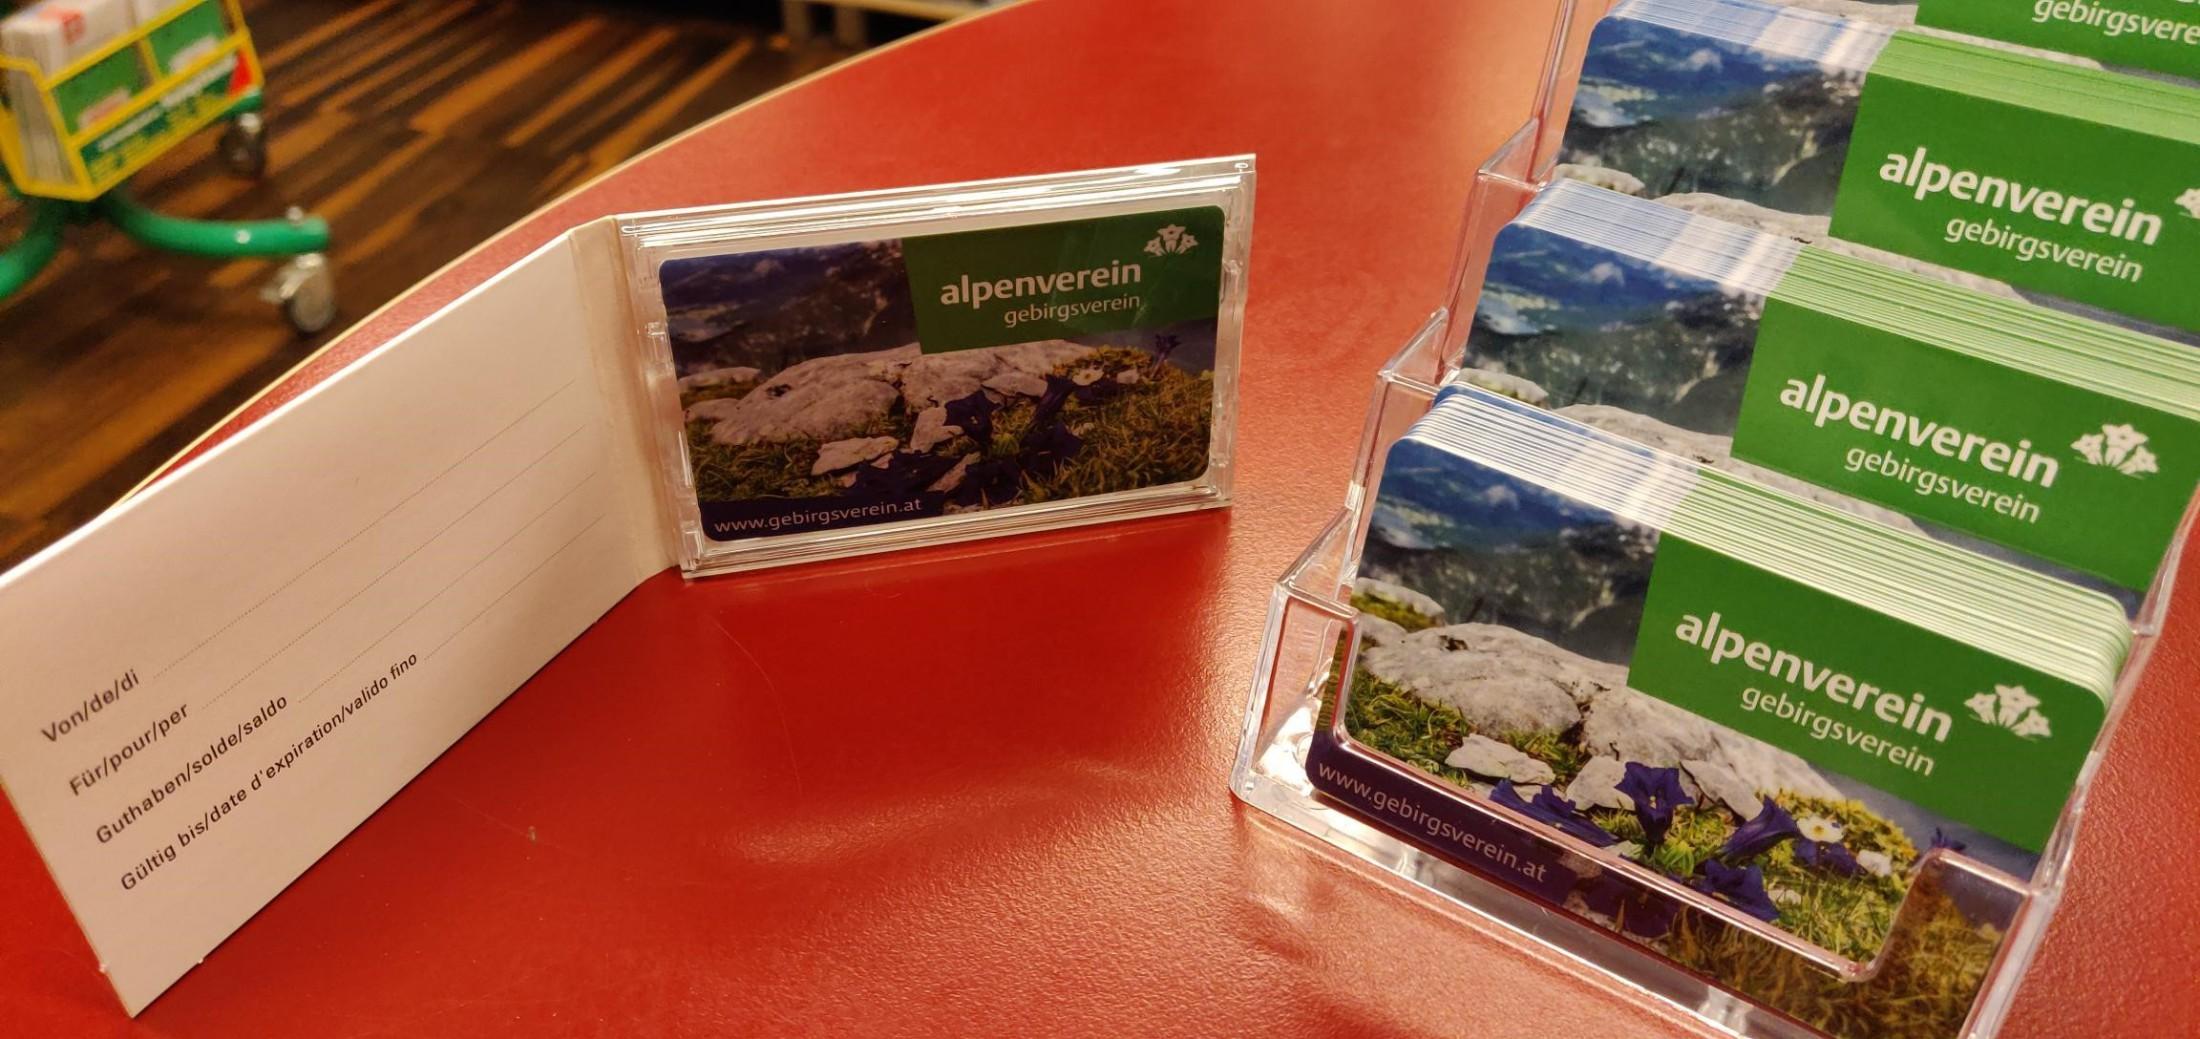 Gebirgsverein-Giftcard